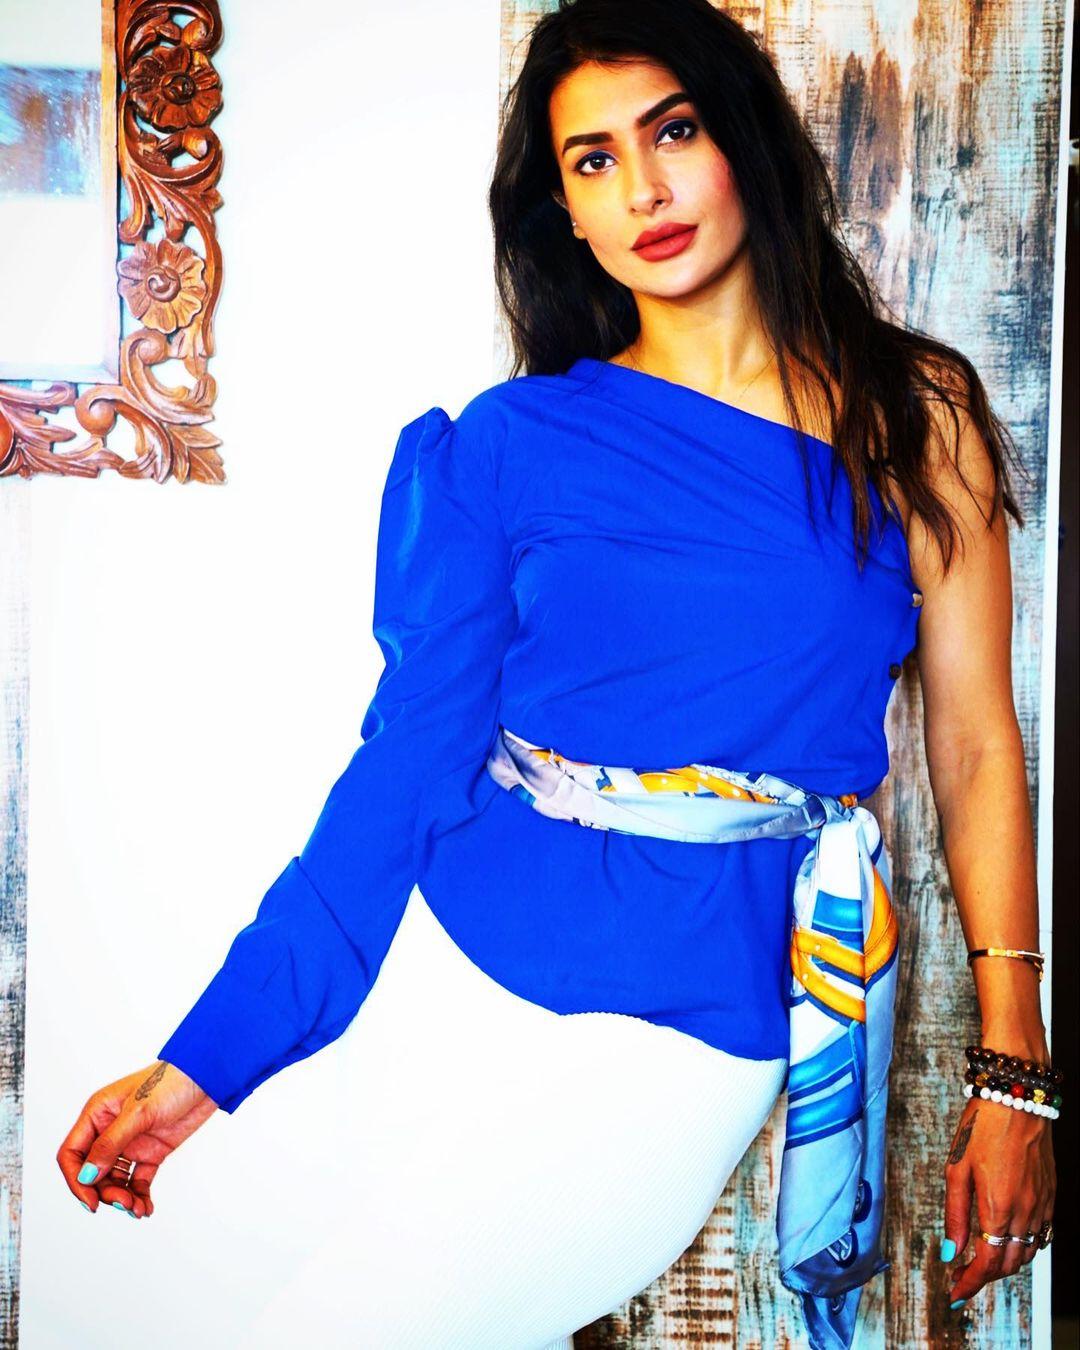 पवित्रानं अलिकडेच फ्री प्रेसला दिलेल्या मुलाखतीत तिच्या बेरोजगारीचं कारण सांगितलं. तिनं मनोरंजन क्षेत्रातील अश्लीलतेला जबाबदार धरलं आहे. (Pavitra Punia/Instagram)